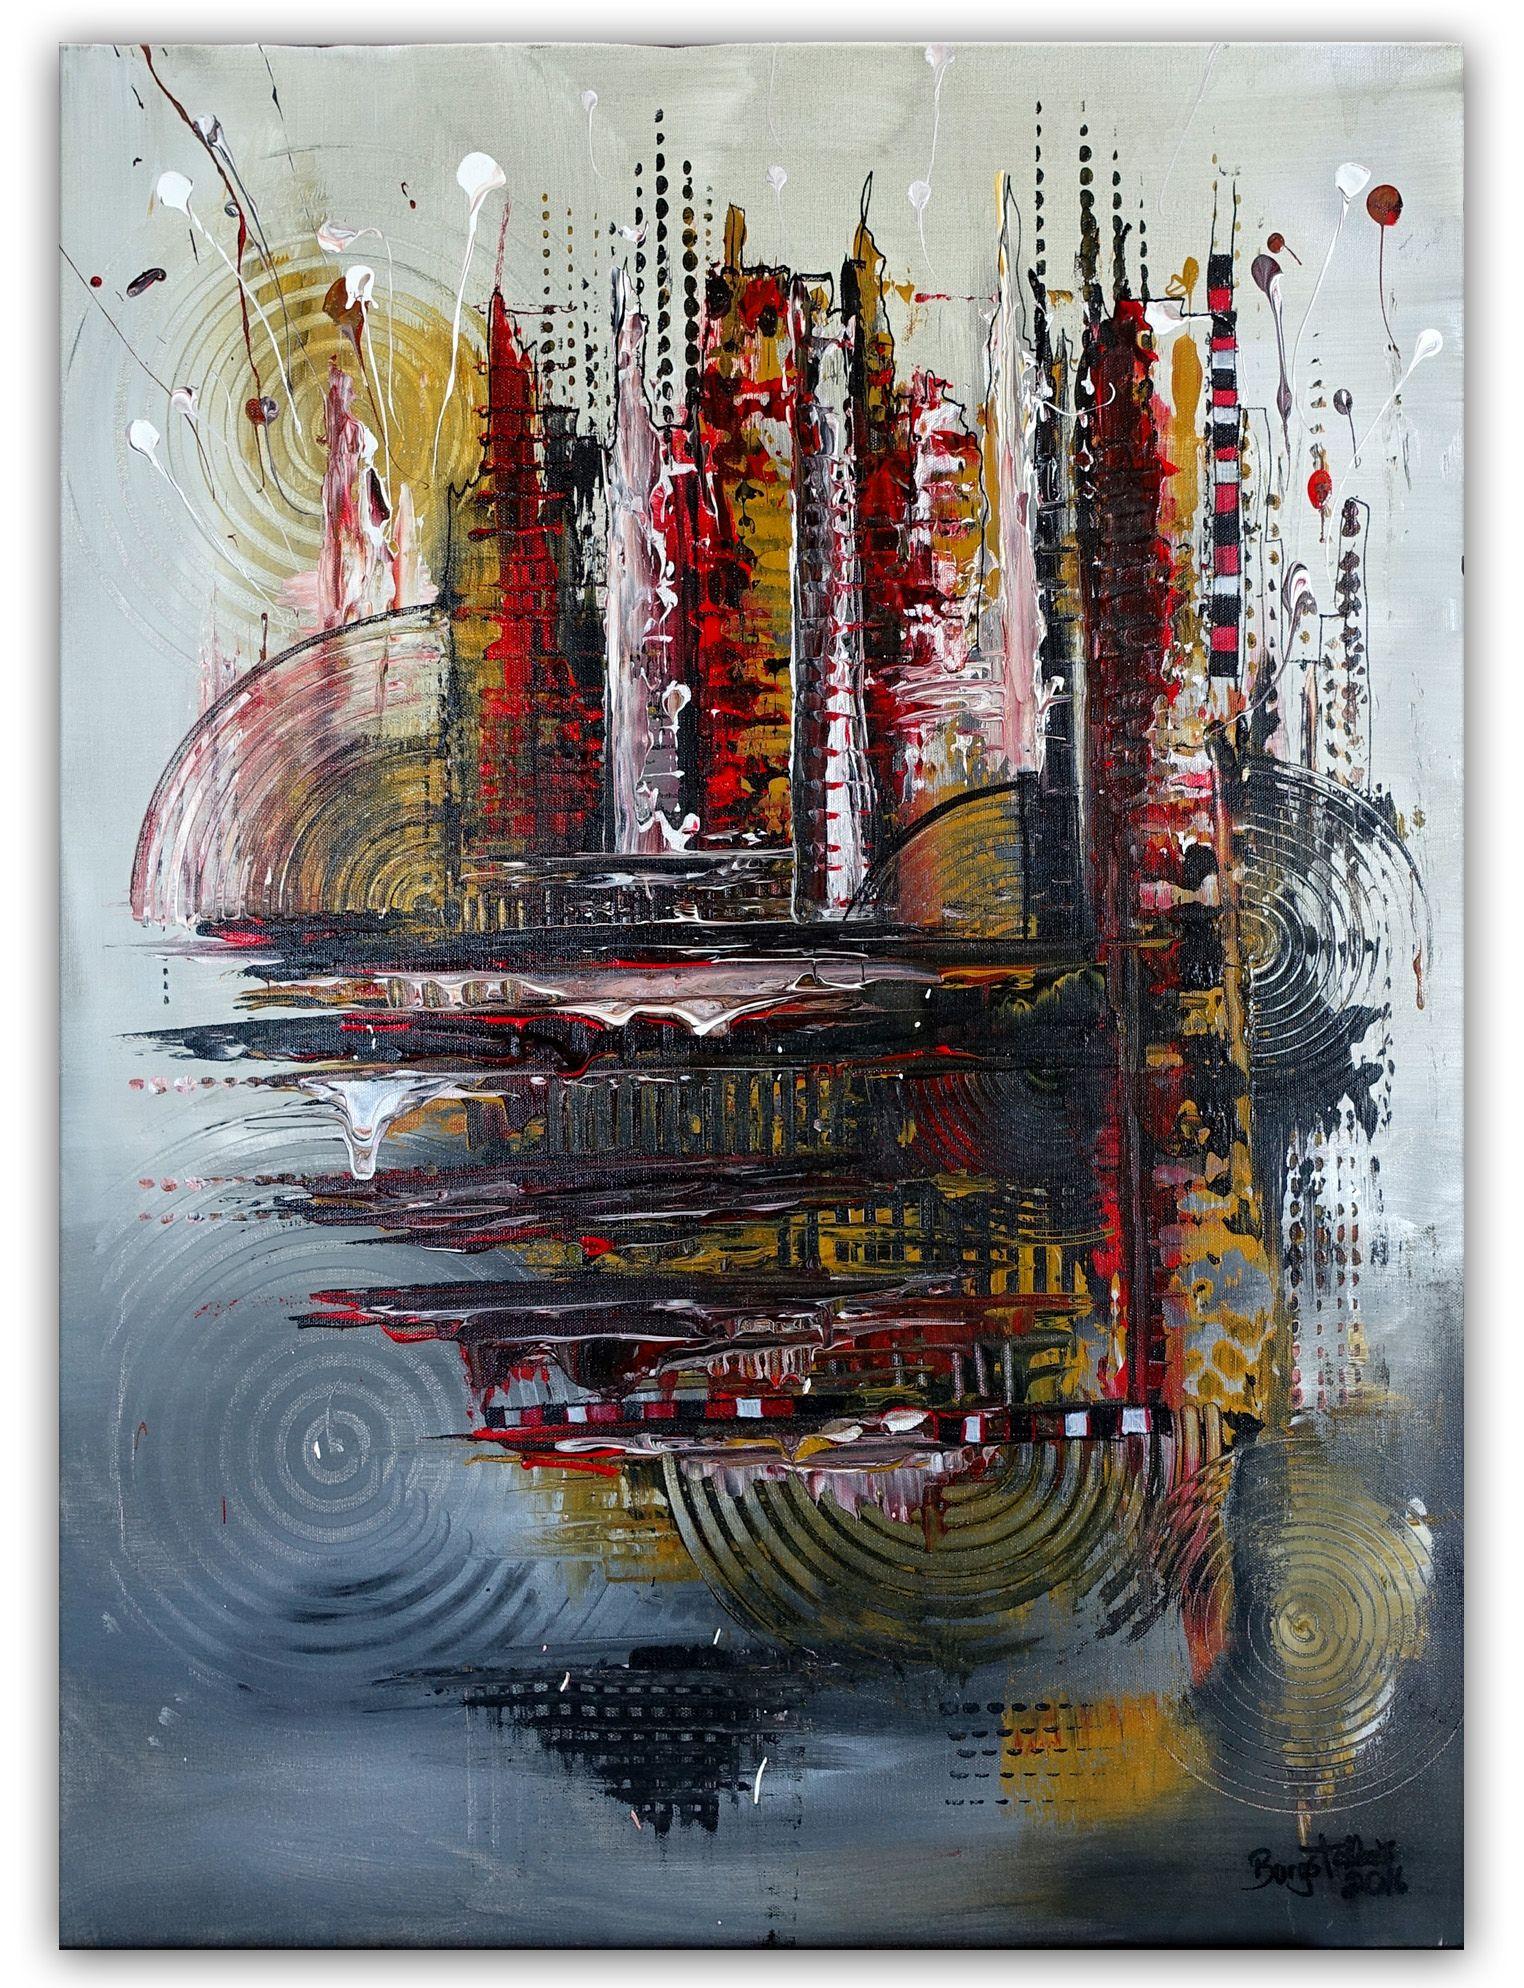 234 verkaufte abstrakte malerei wandbilder original gemalde kunst kunstwerke unikate abstrakt acrylbild bilder acryl malen nach zahlen